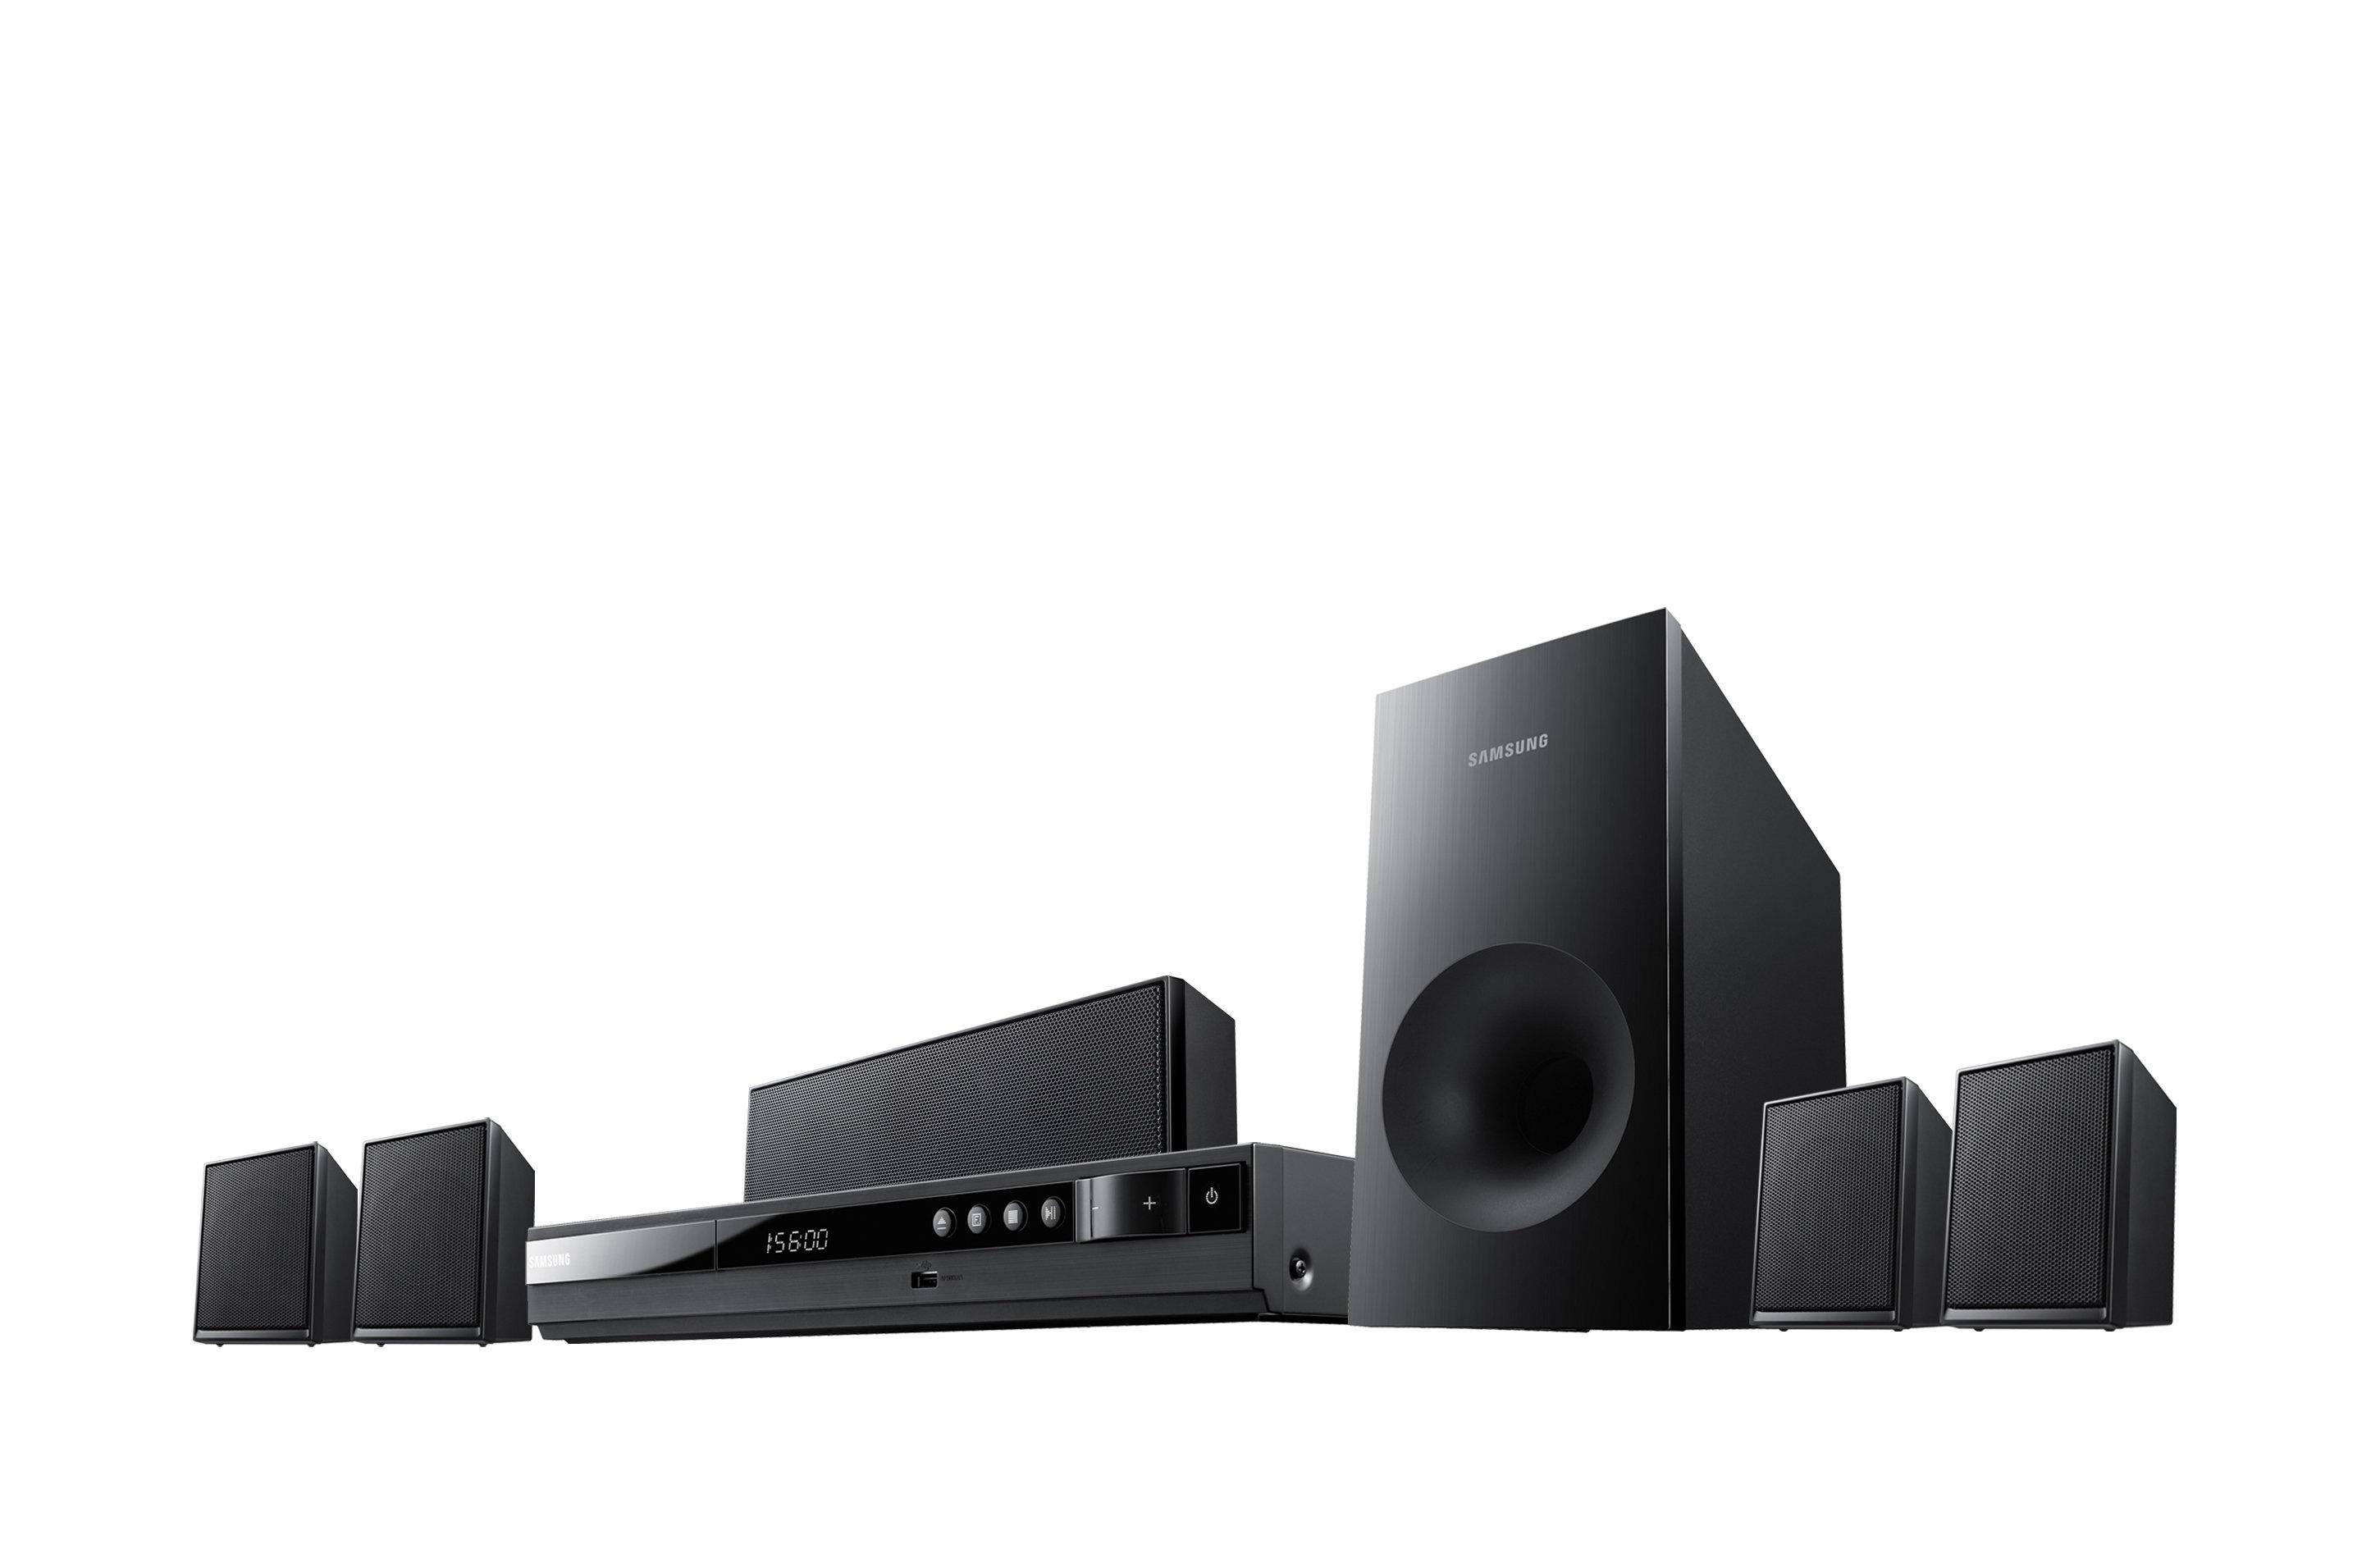 Amazon.com: Samsung HT-E350 HTIB 5.1 Channel 330-Watt Home Theater